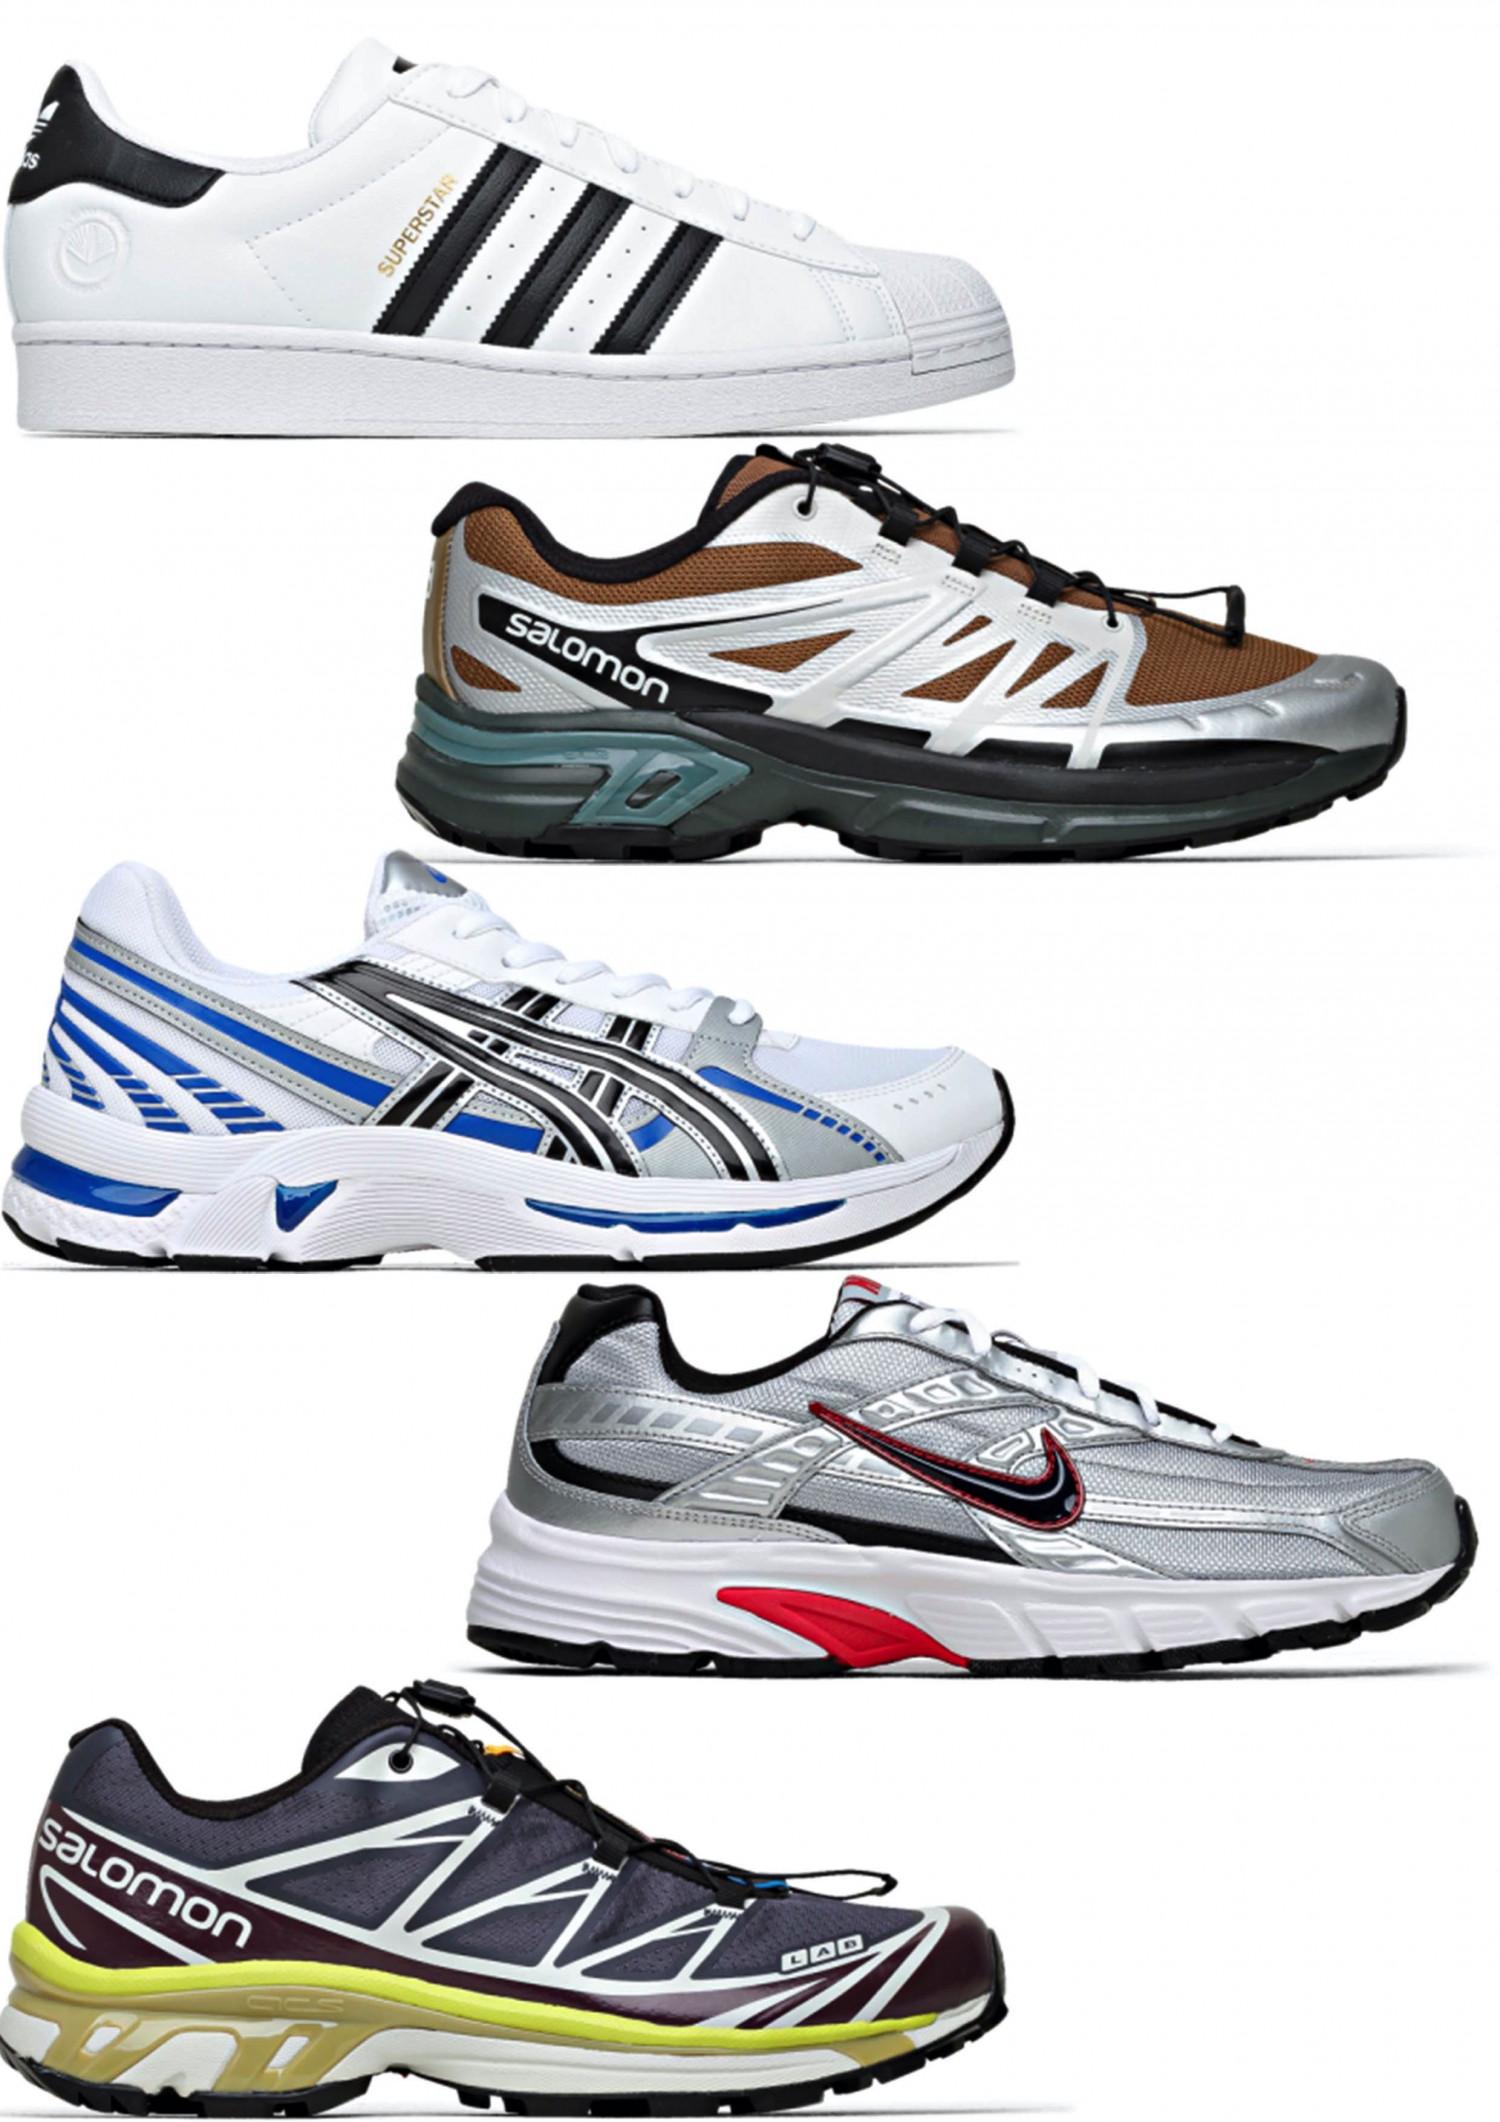 efterår sneakers